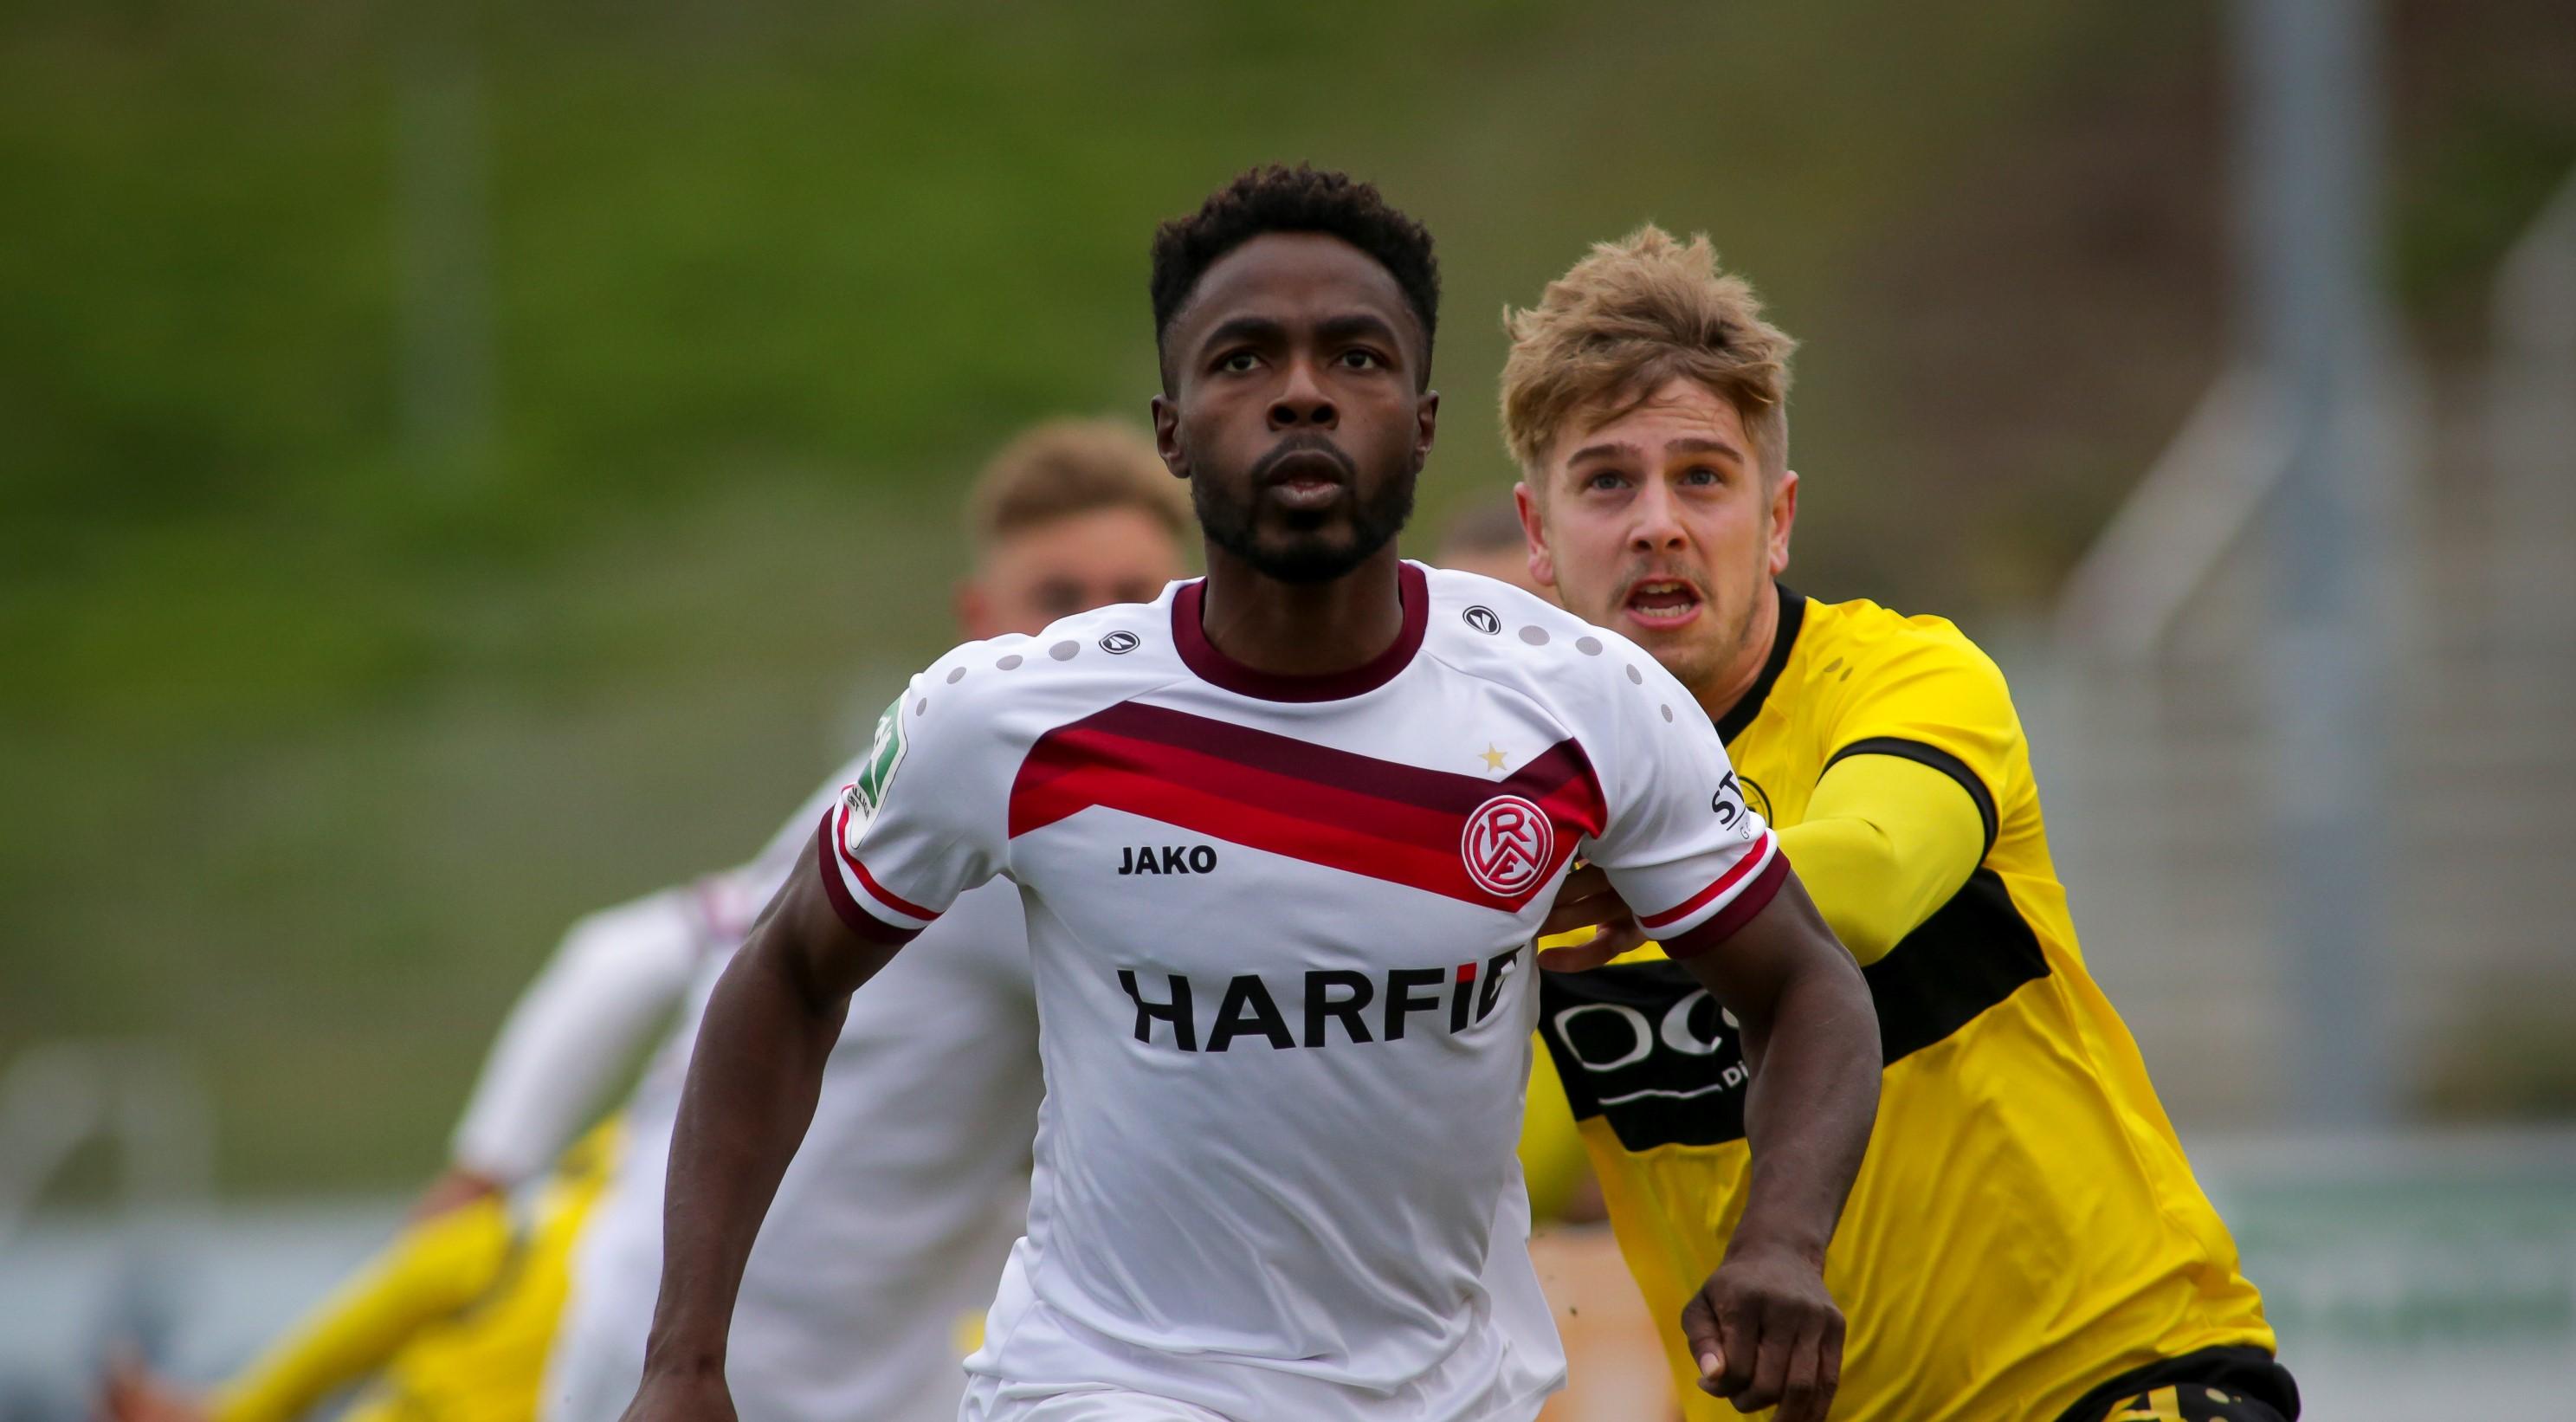 Alles im Griff: Daniel Heber gewinnt auch den Zweikampf beim VfB Homberg (Fotos: Endberg)